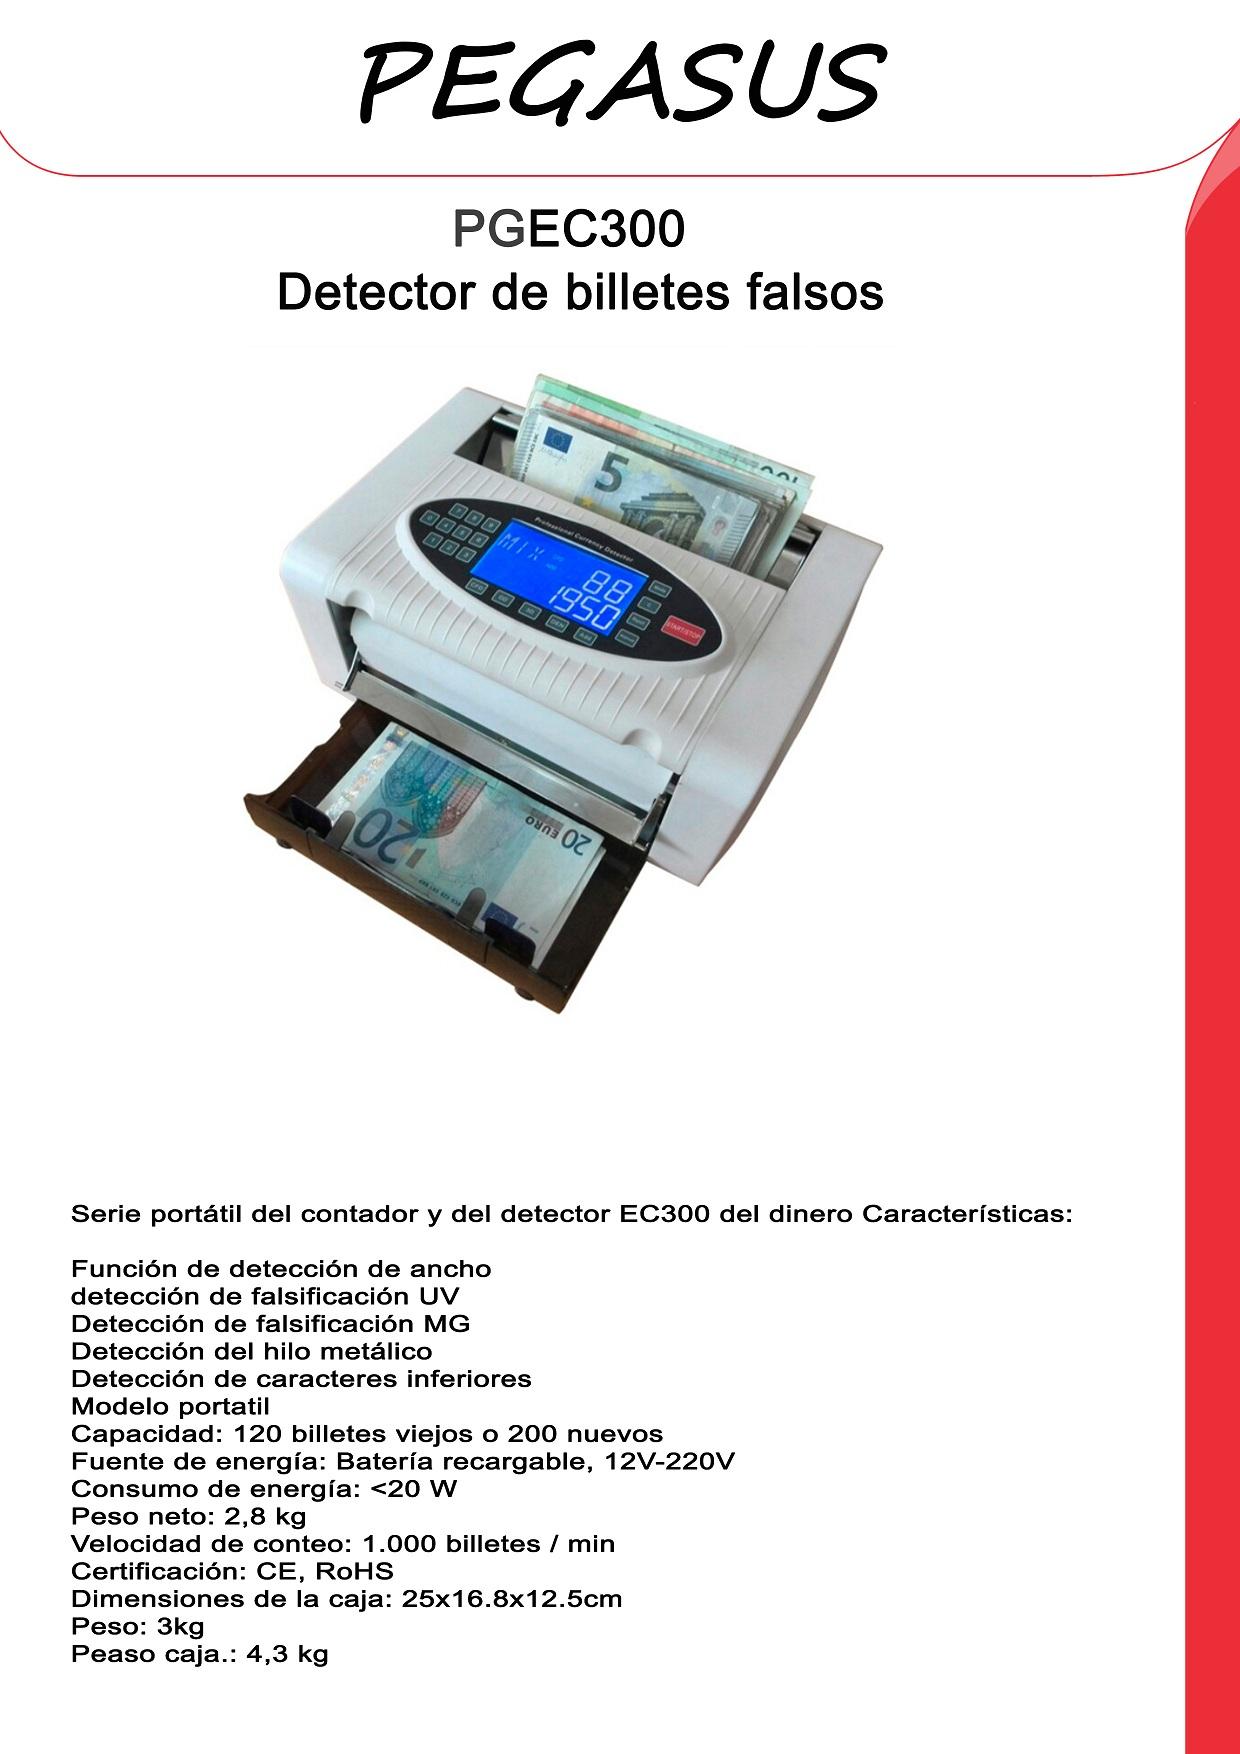 Detector de billetes falsos y contador Pegasus PGEC300